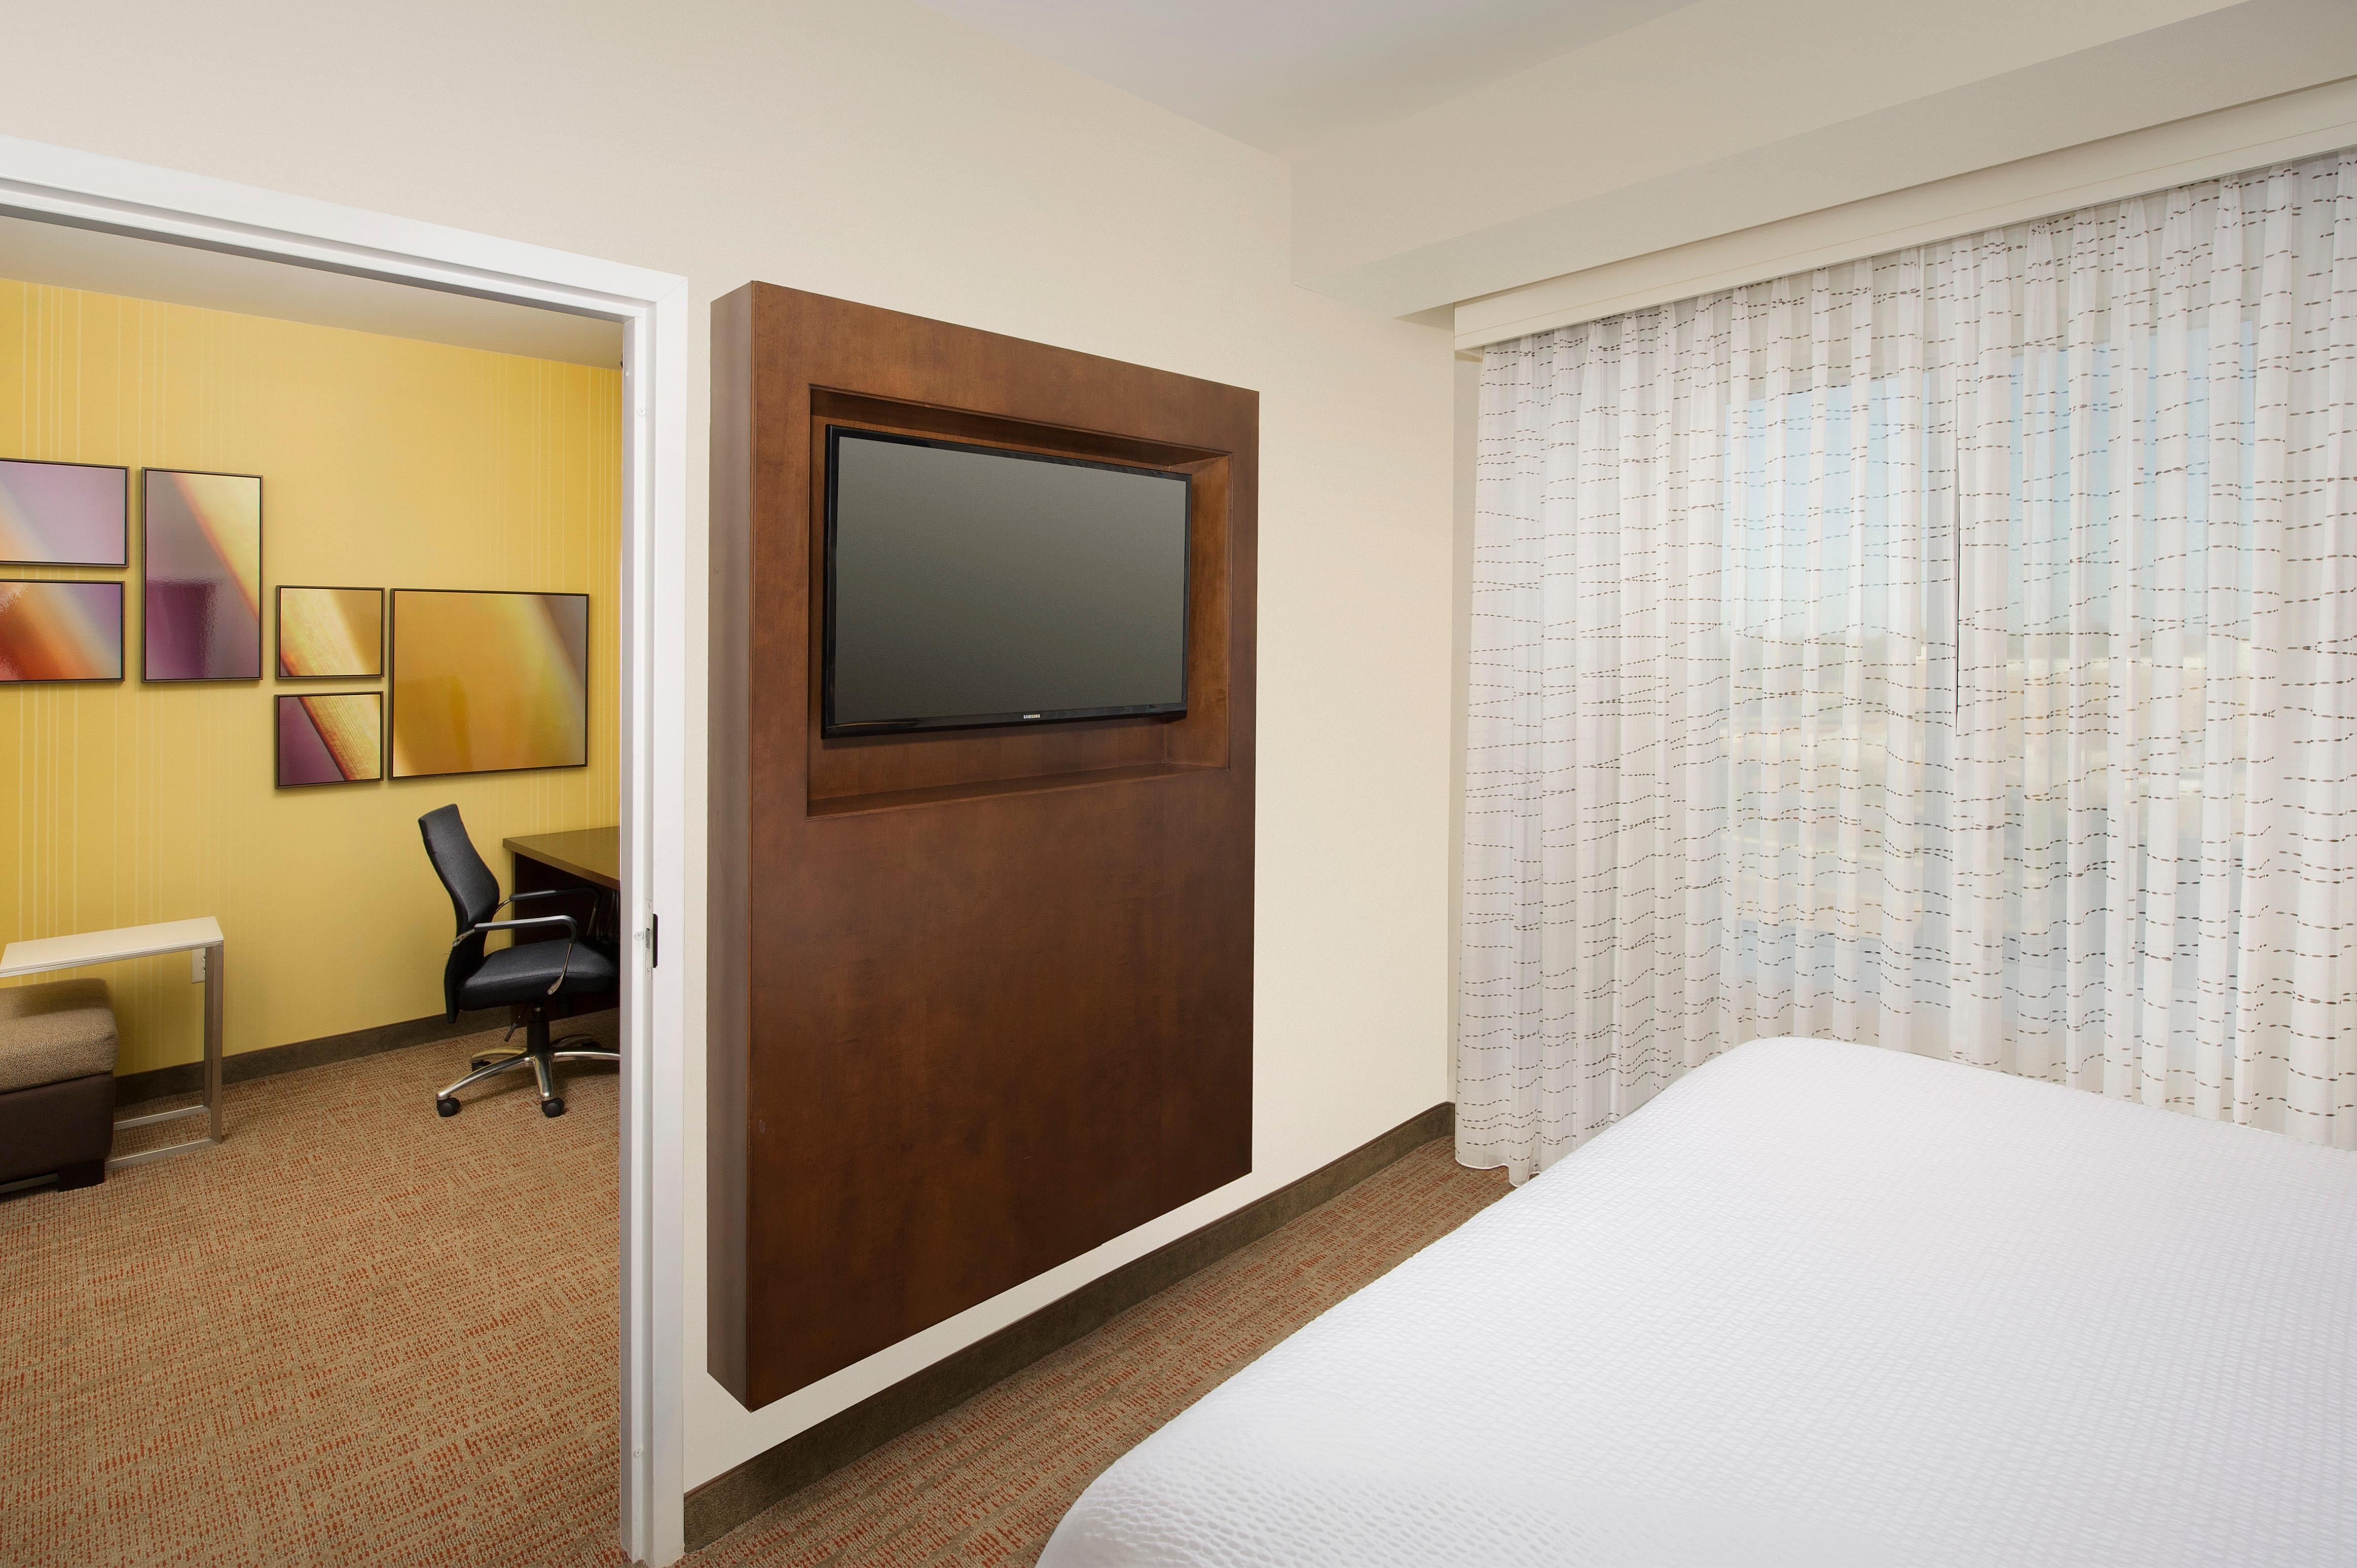 Residence Inn by Marriott Nashville SE/Murfreesboro image 11